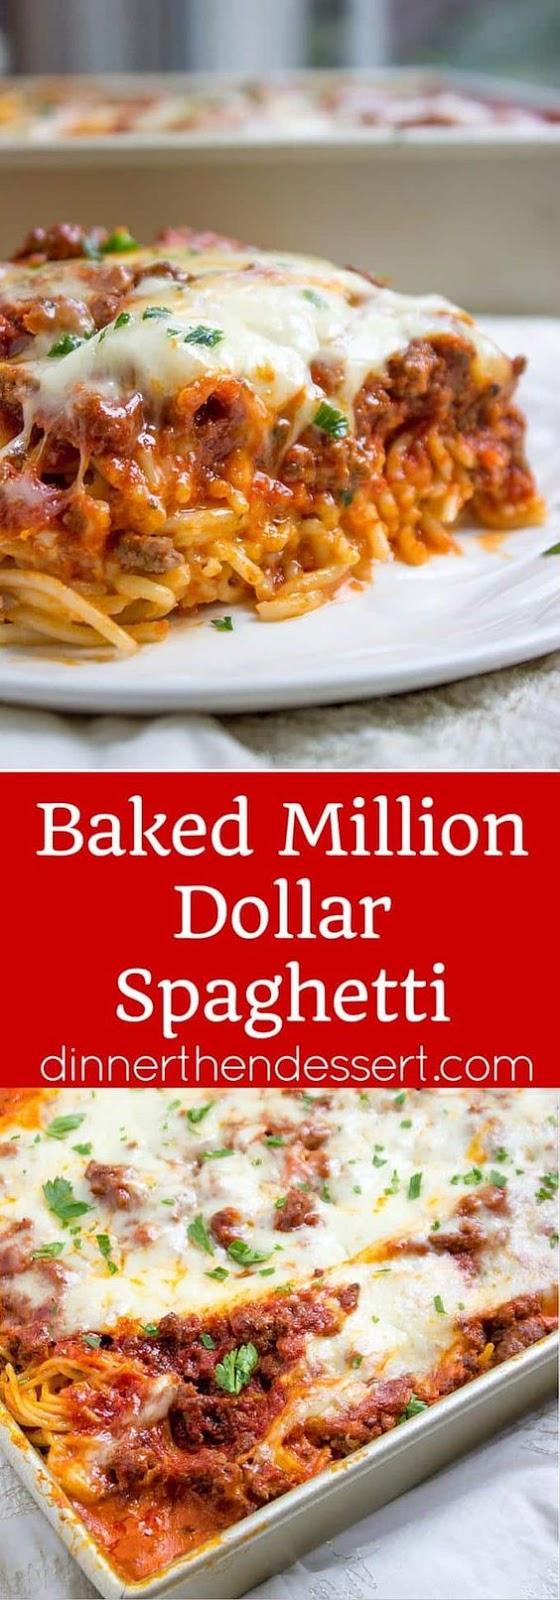 Baked Million Dollar Spaghetti